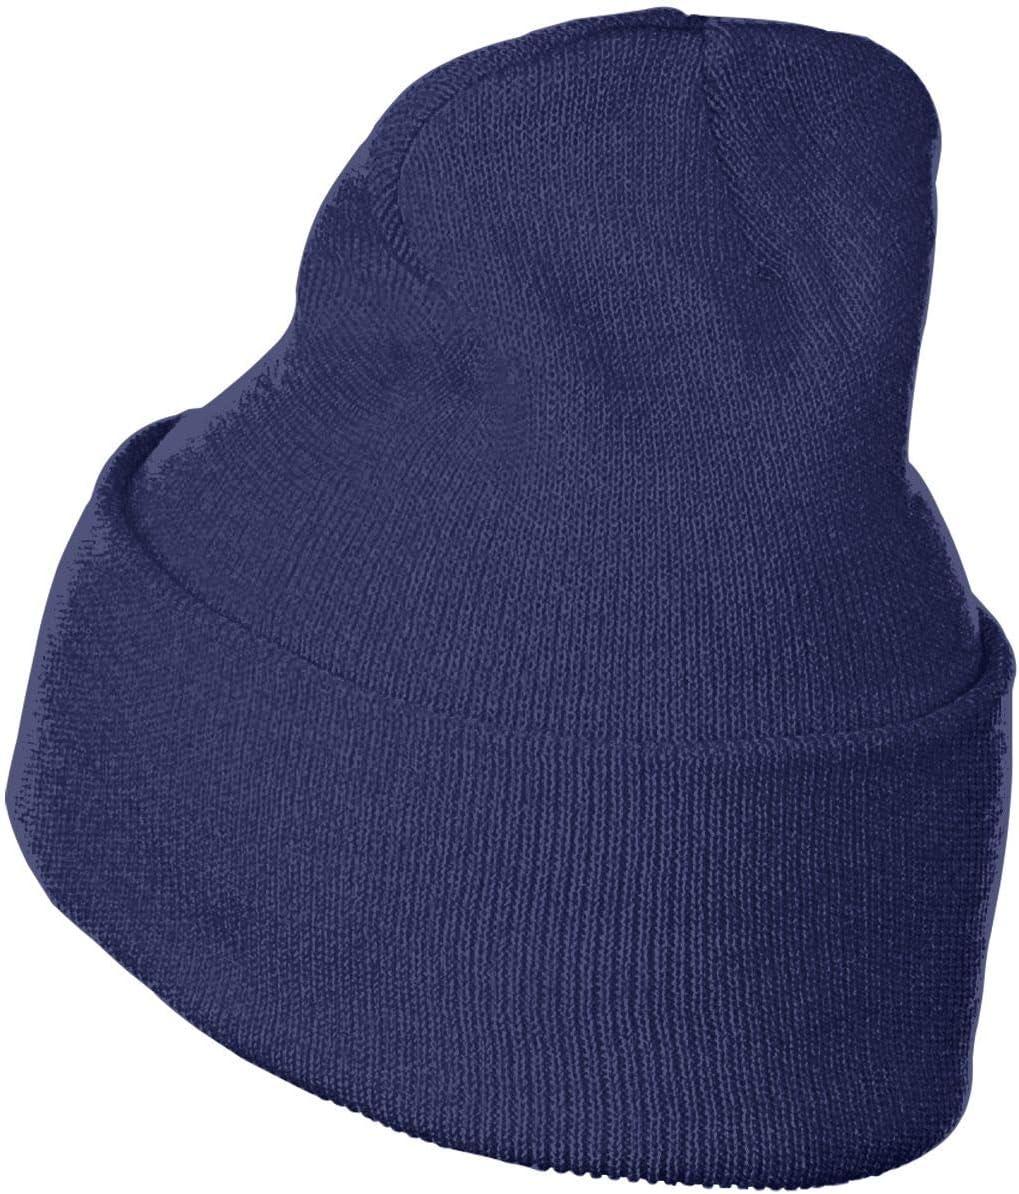 USMC VMM-166 Party Moose Men/&Women Warm Winter Knit Plain Beanie Hat Skull Cap Acrylic Knit Cuff Hat